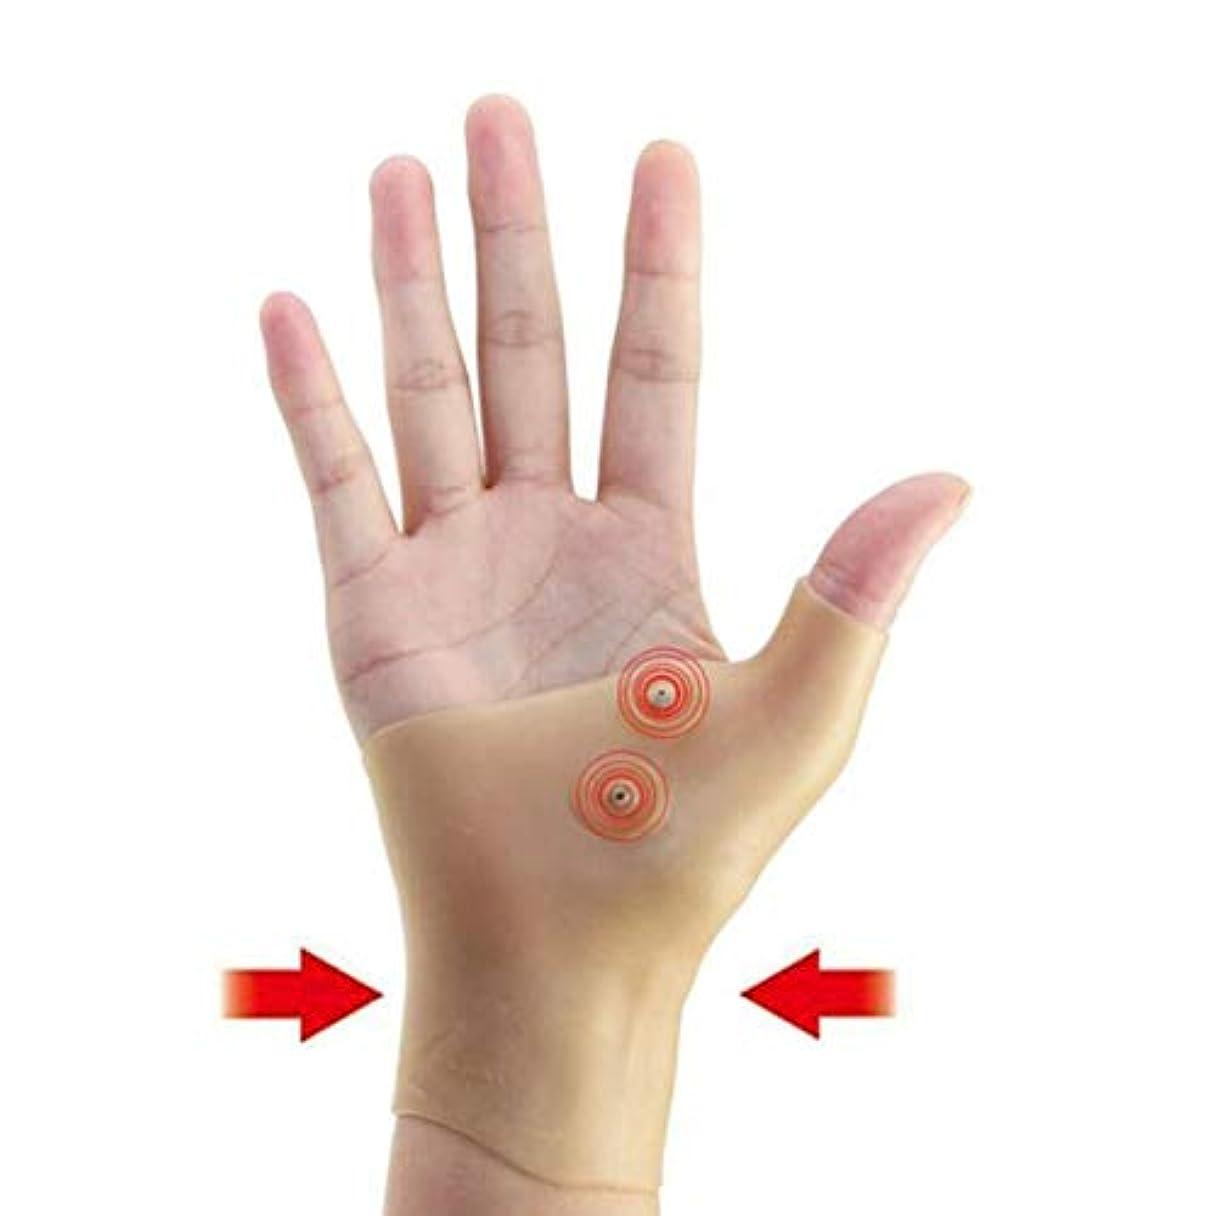 爪ブームスロット磁気療法手首手親指サポート手袋シリコーンゲル関節炎圧力矯正器マッサージ痛み緩和手袋 - 肌の色